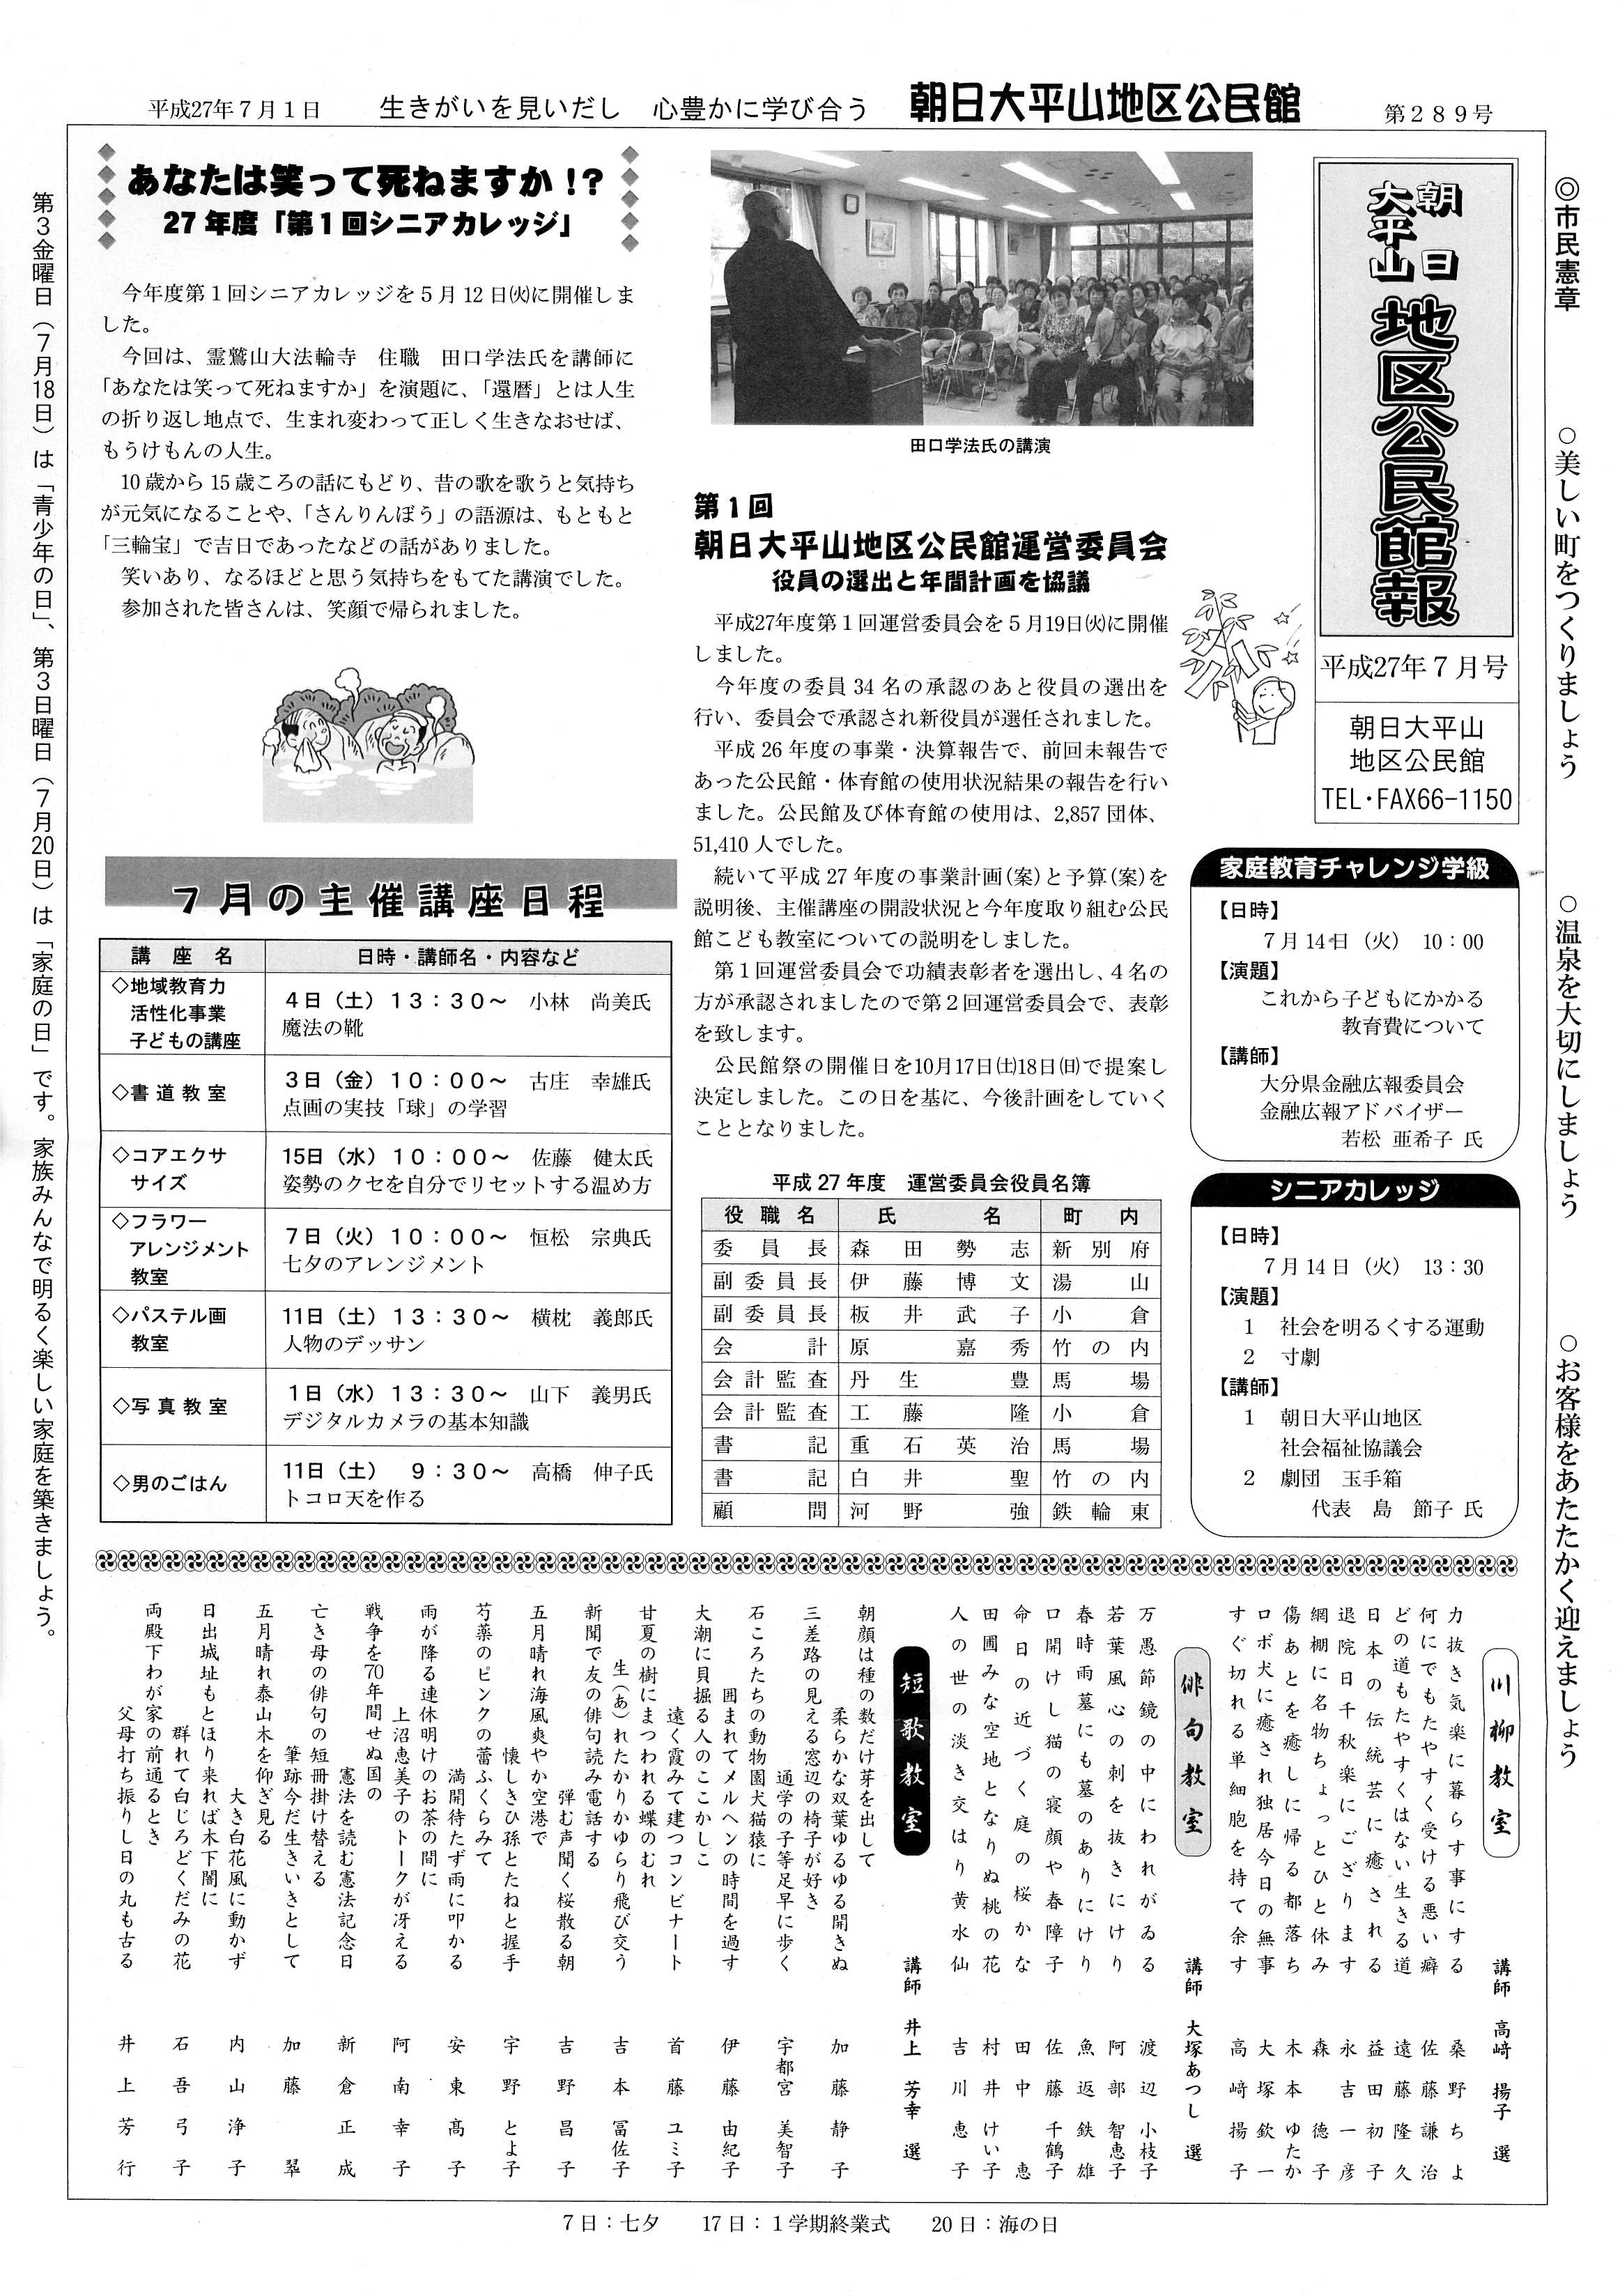 asahiohirayama2015_07